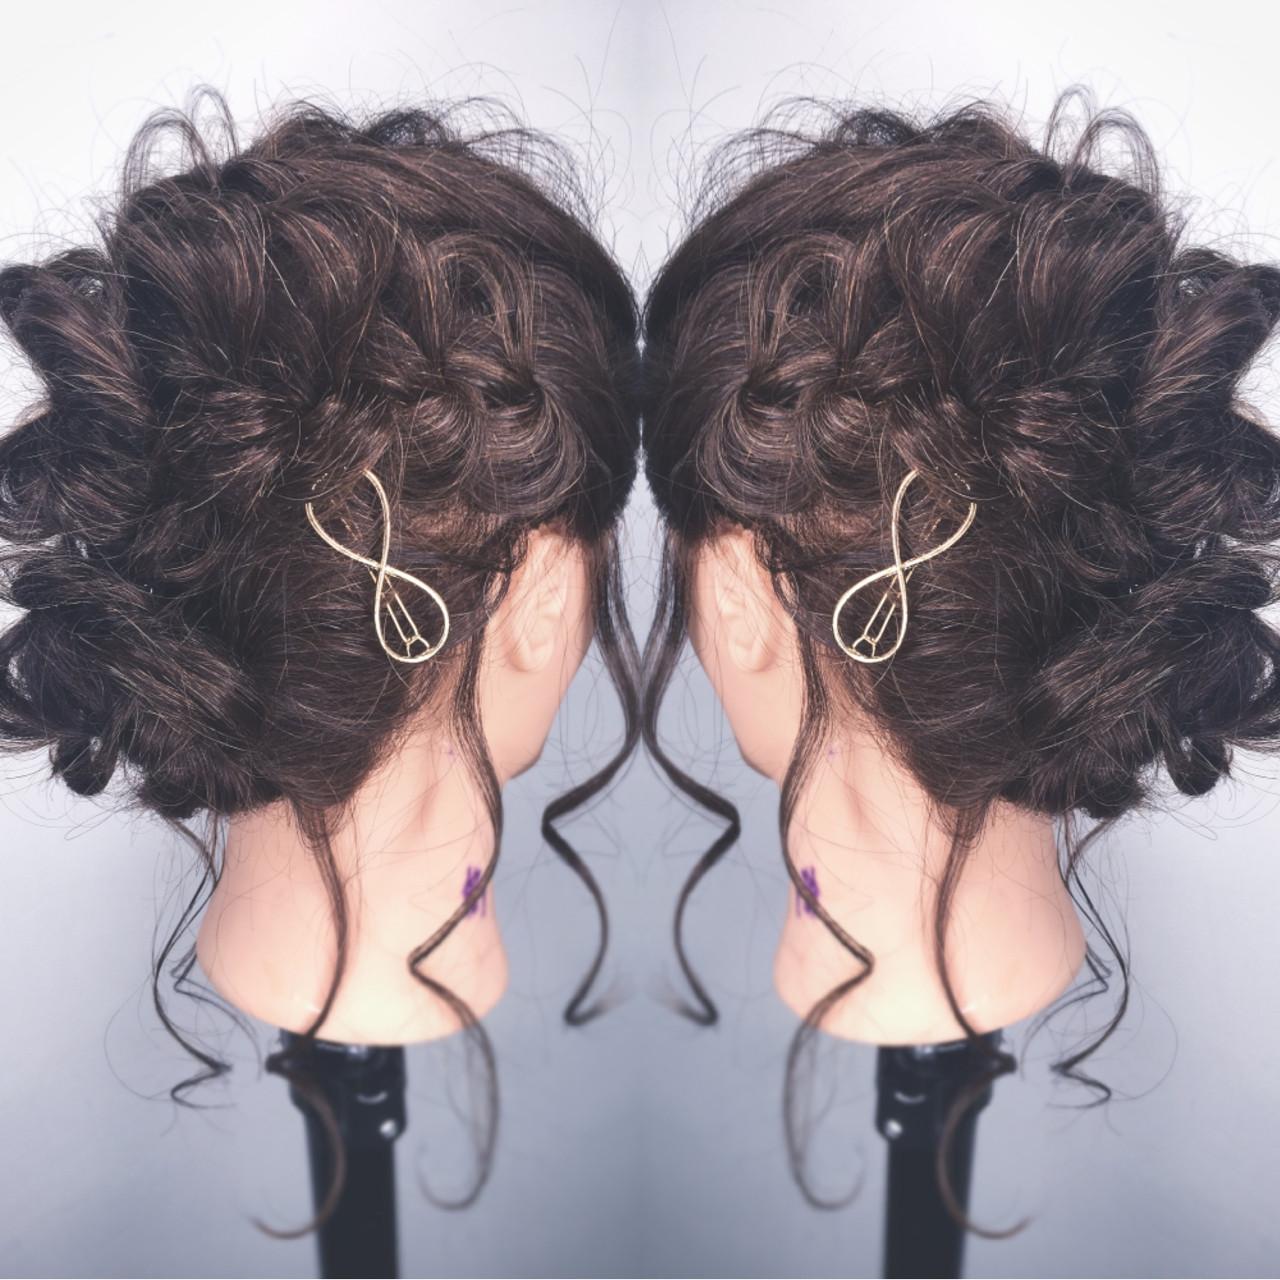 ヘアアレンジ ショート 編み込み デート ヘアスタイルや髪型の写真・画像